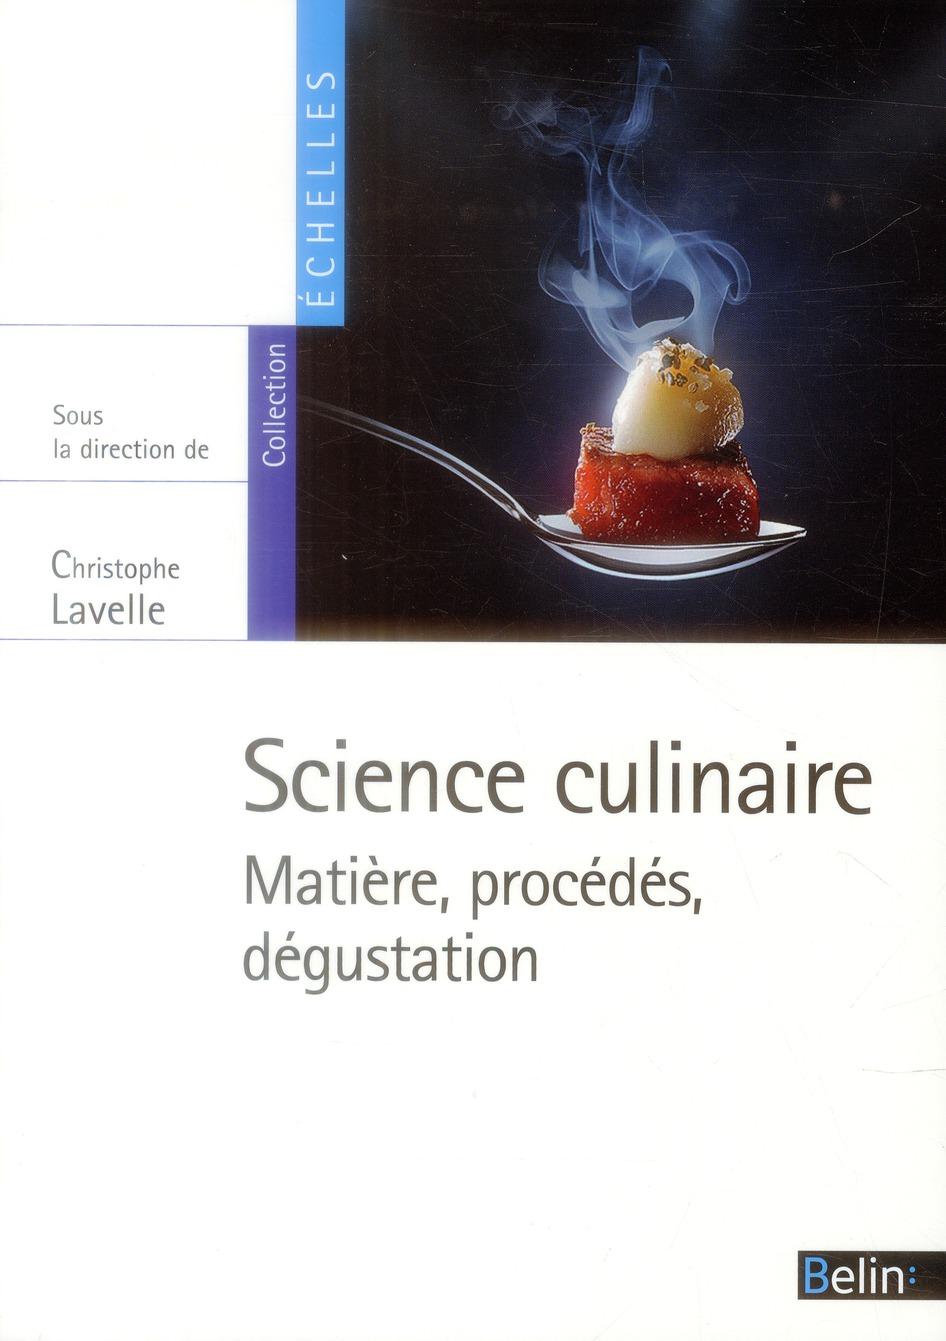 Science culinaire ; matière, procédés et dégustation